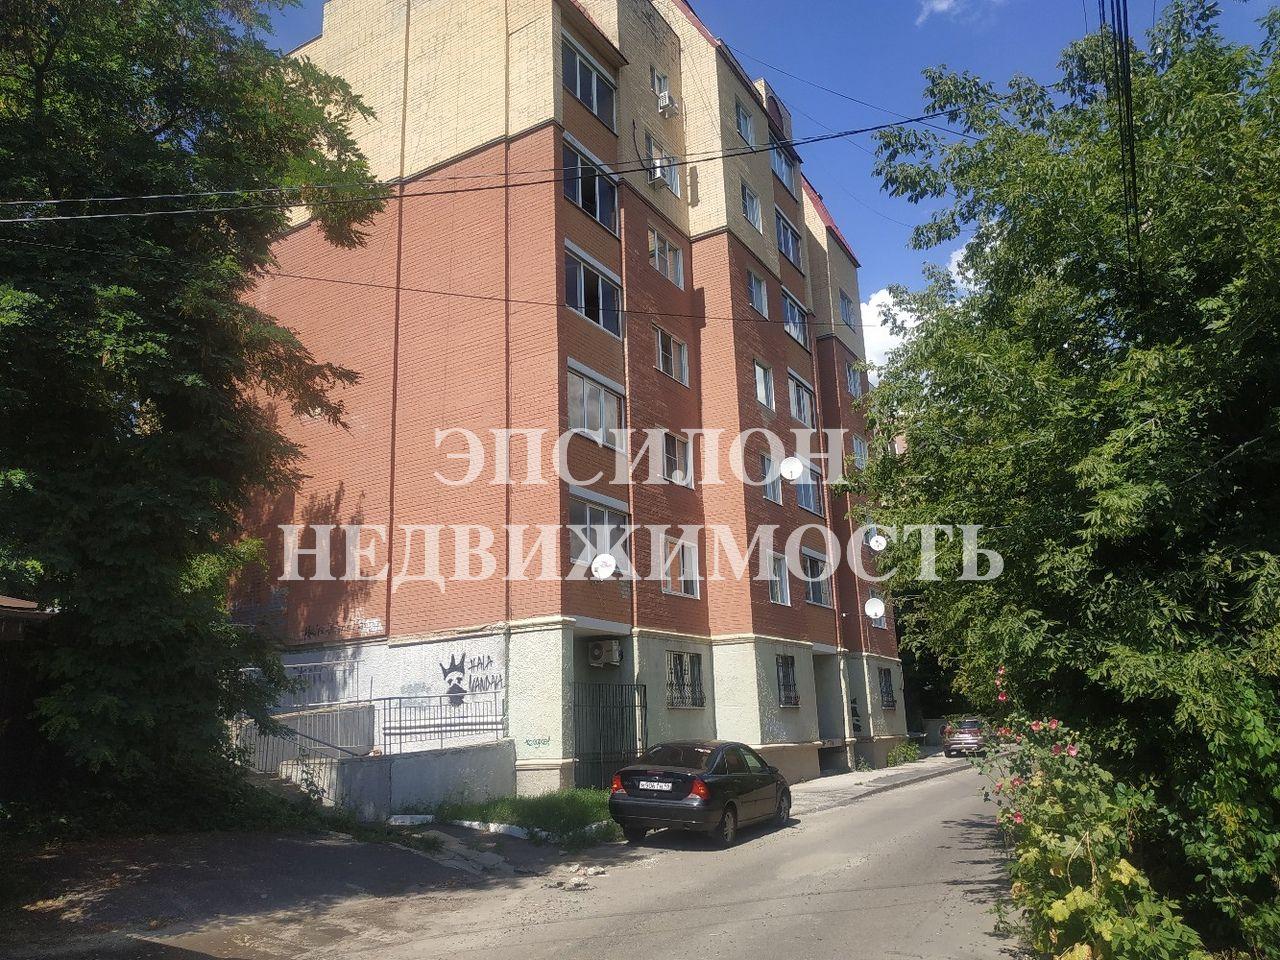 Продам 3-комнатную квартиру в городе Курск, на улице Уфимцева, 17, 2-этаж 6-этажного Кирпич дома, площадь: 61/46/8 м2